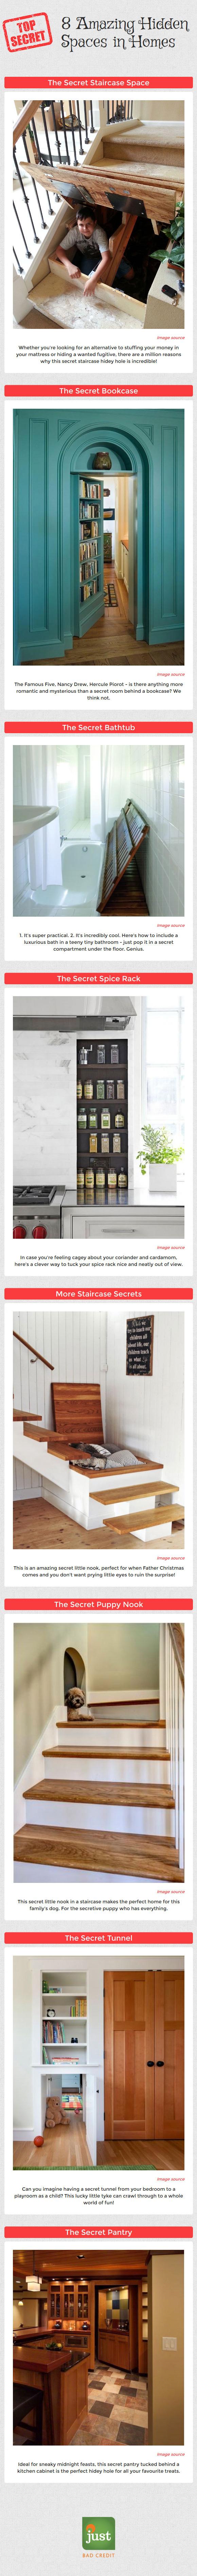 8-Amazing-Hidden-Spaces-in-Homes-2